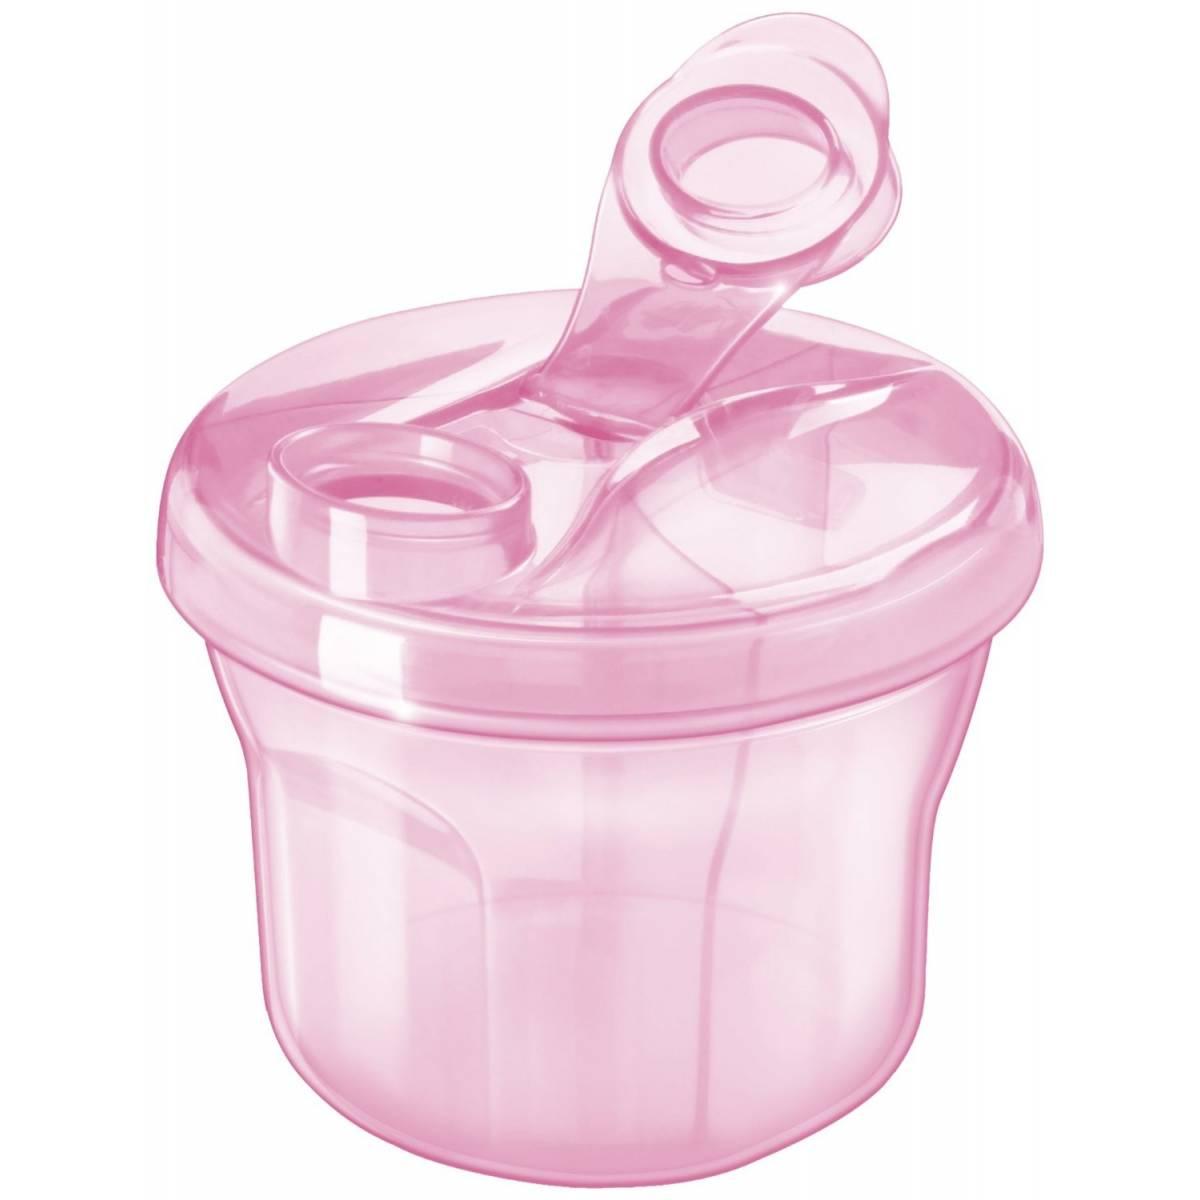 Philips Avent Doseur de lait en poudre rose